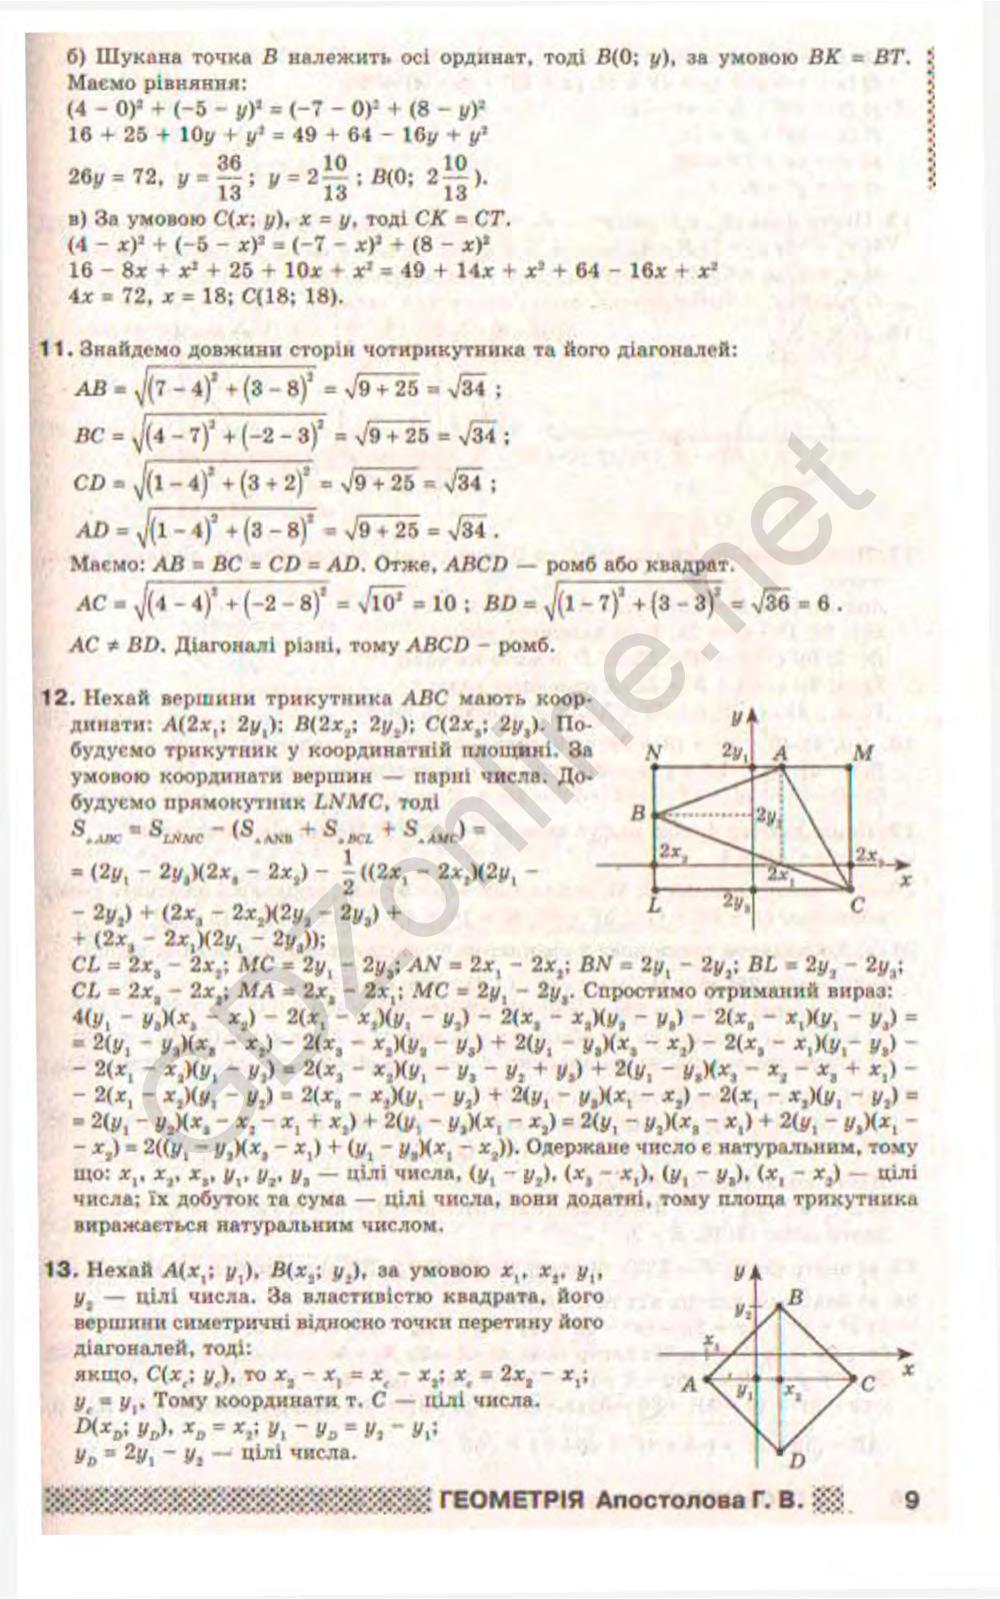 Домашнее задание 9 класс по геометрия апостолова